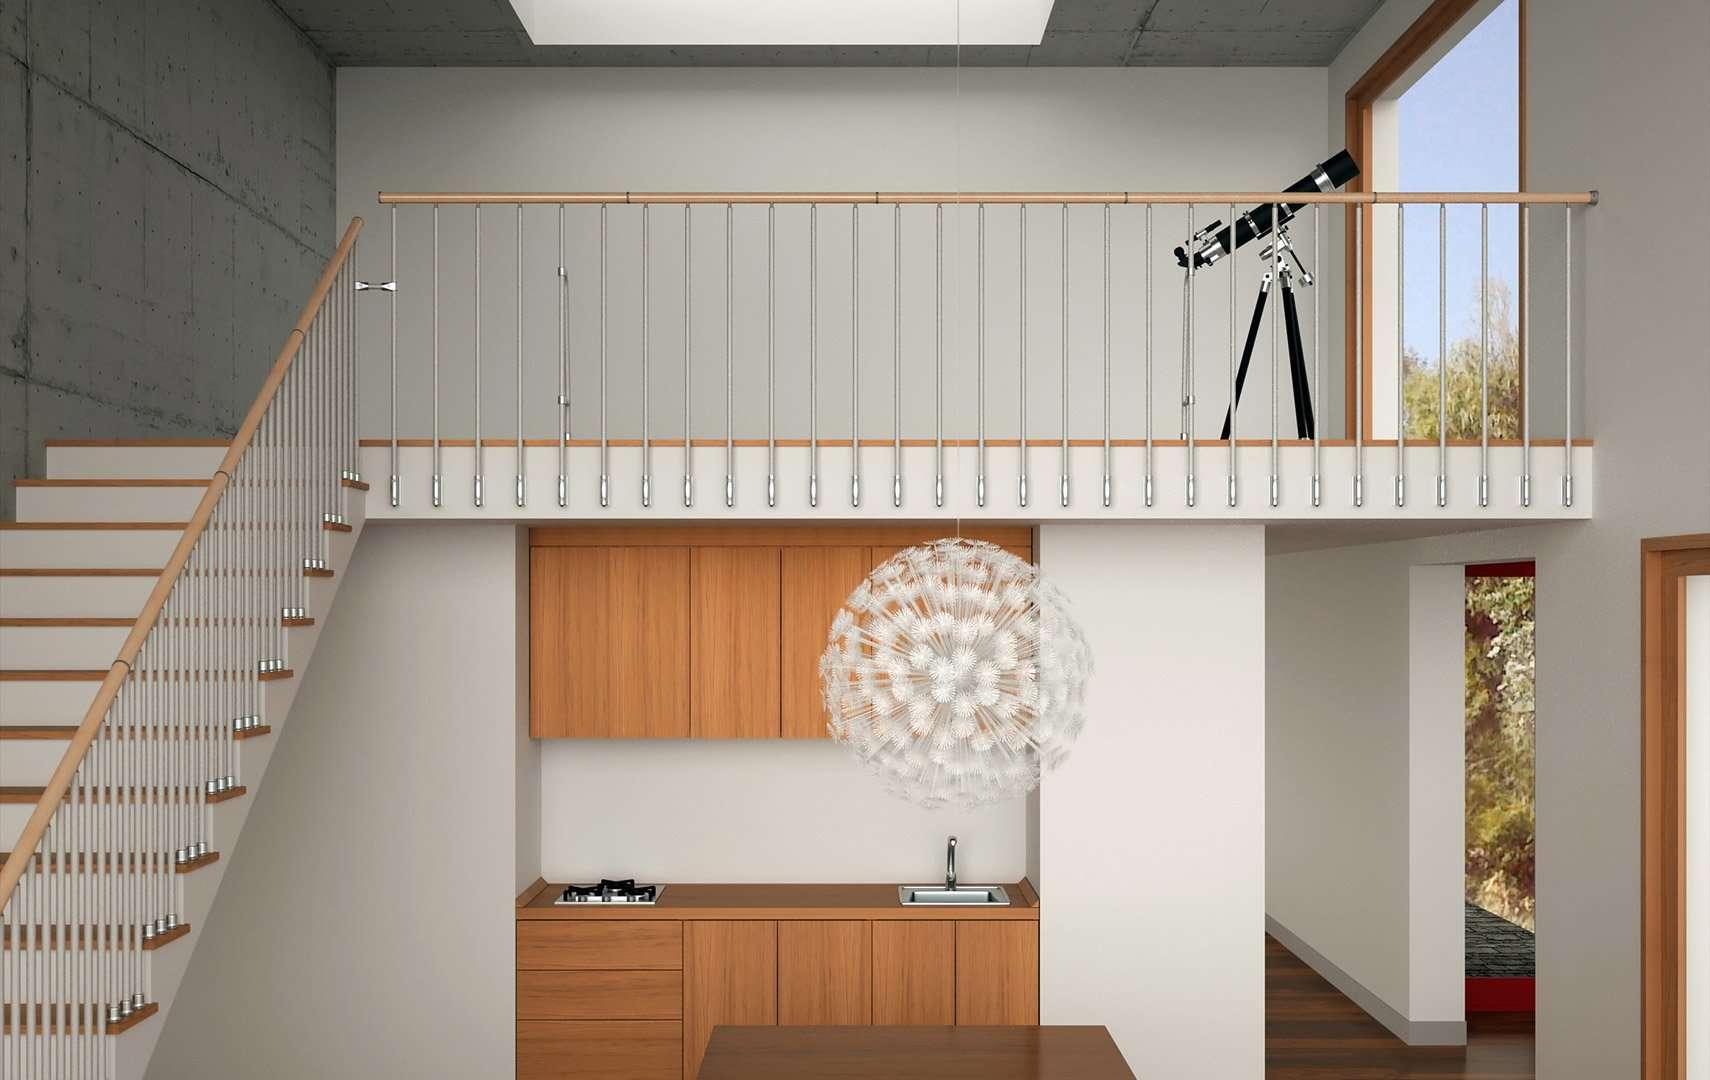 Rod 200 rg ringhiere per scale interne le puoi trovare in legno e in vetro - Ringhiera scale interne ...